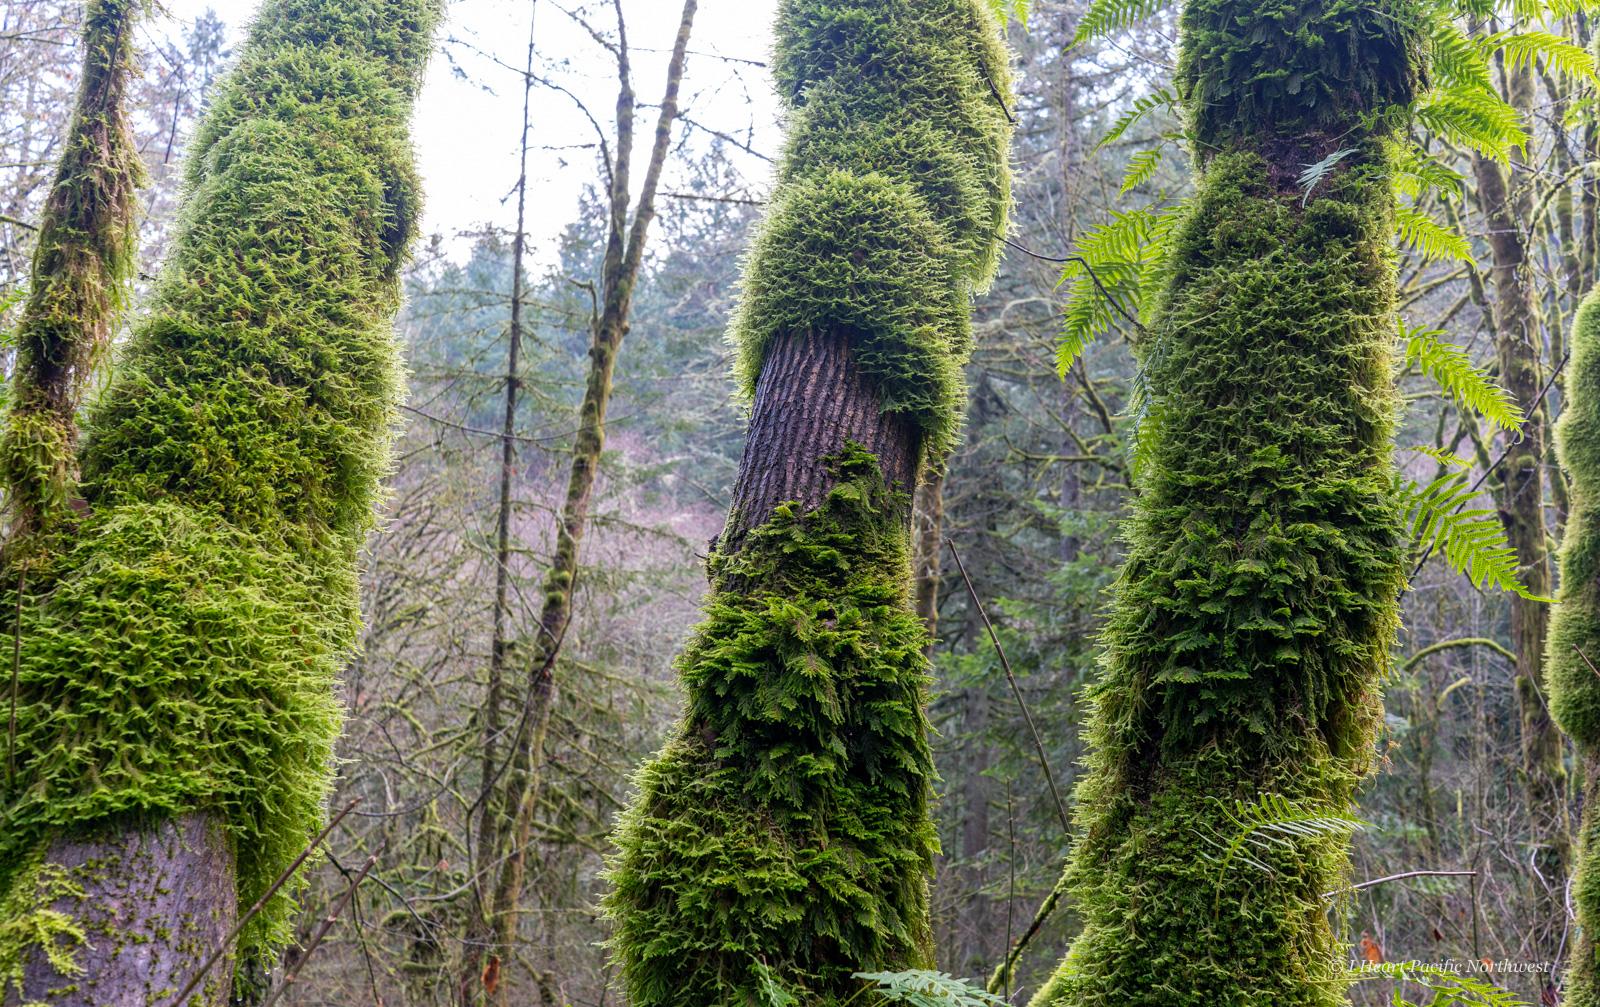 Forest Park Maple-Wildwood loop hike